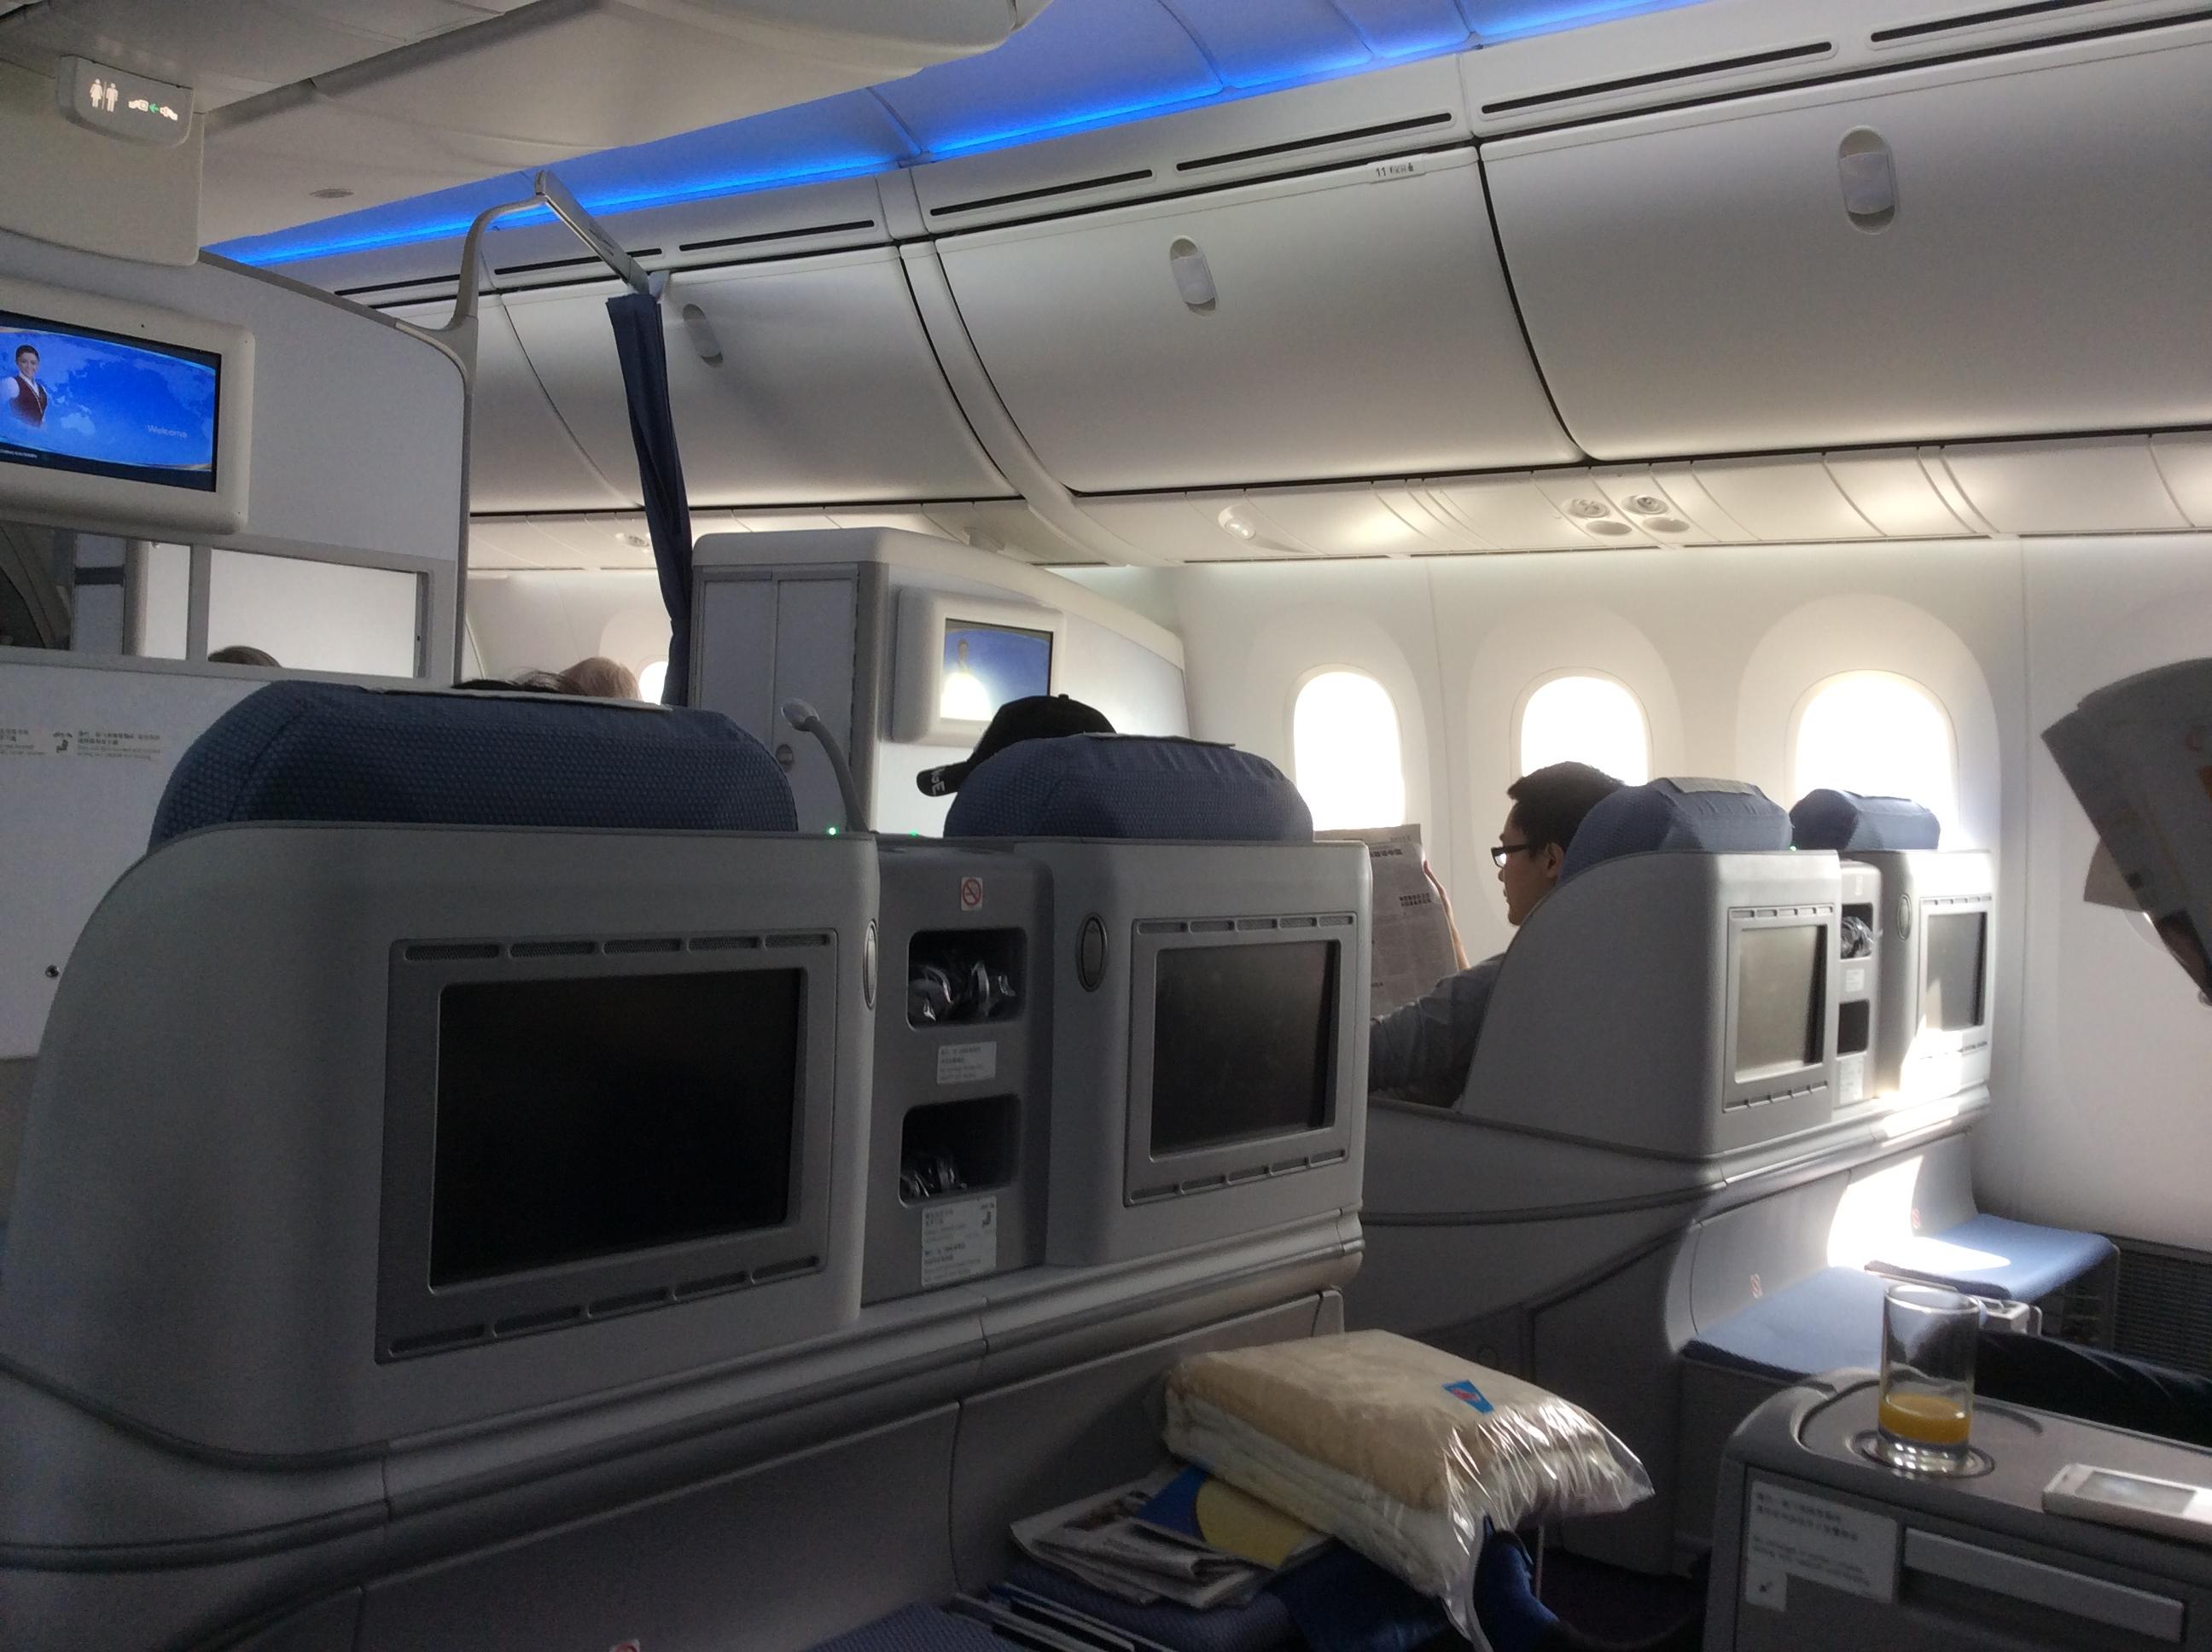 China southern flight review - China southern airlines hong kong office ...